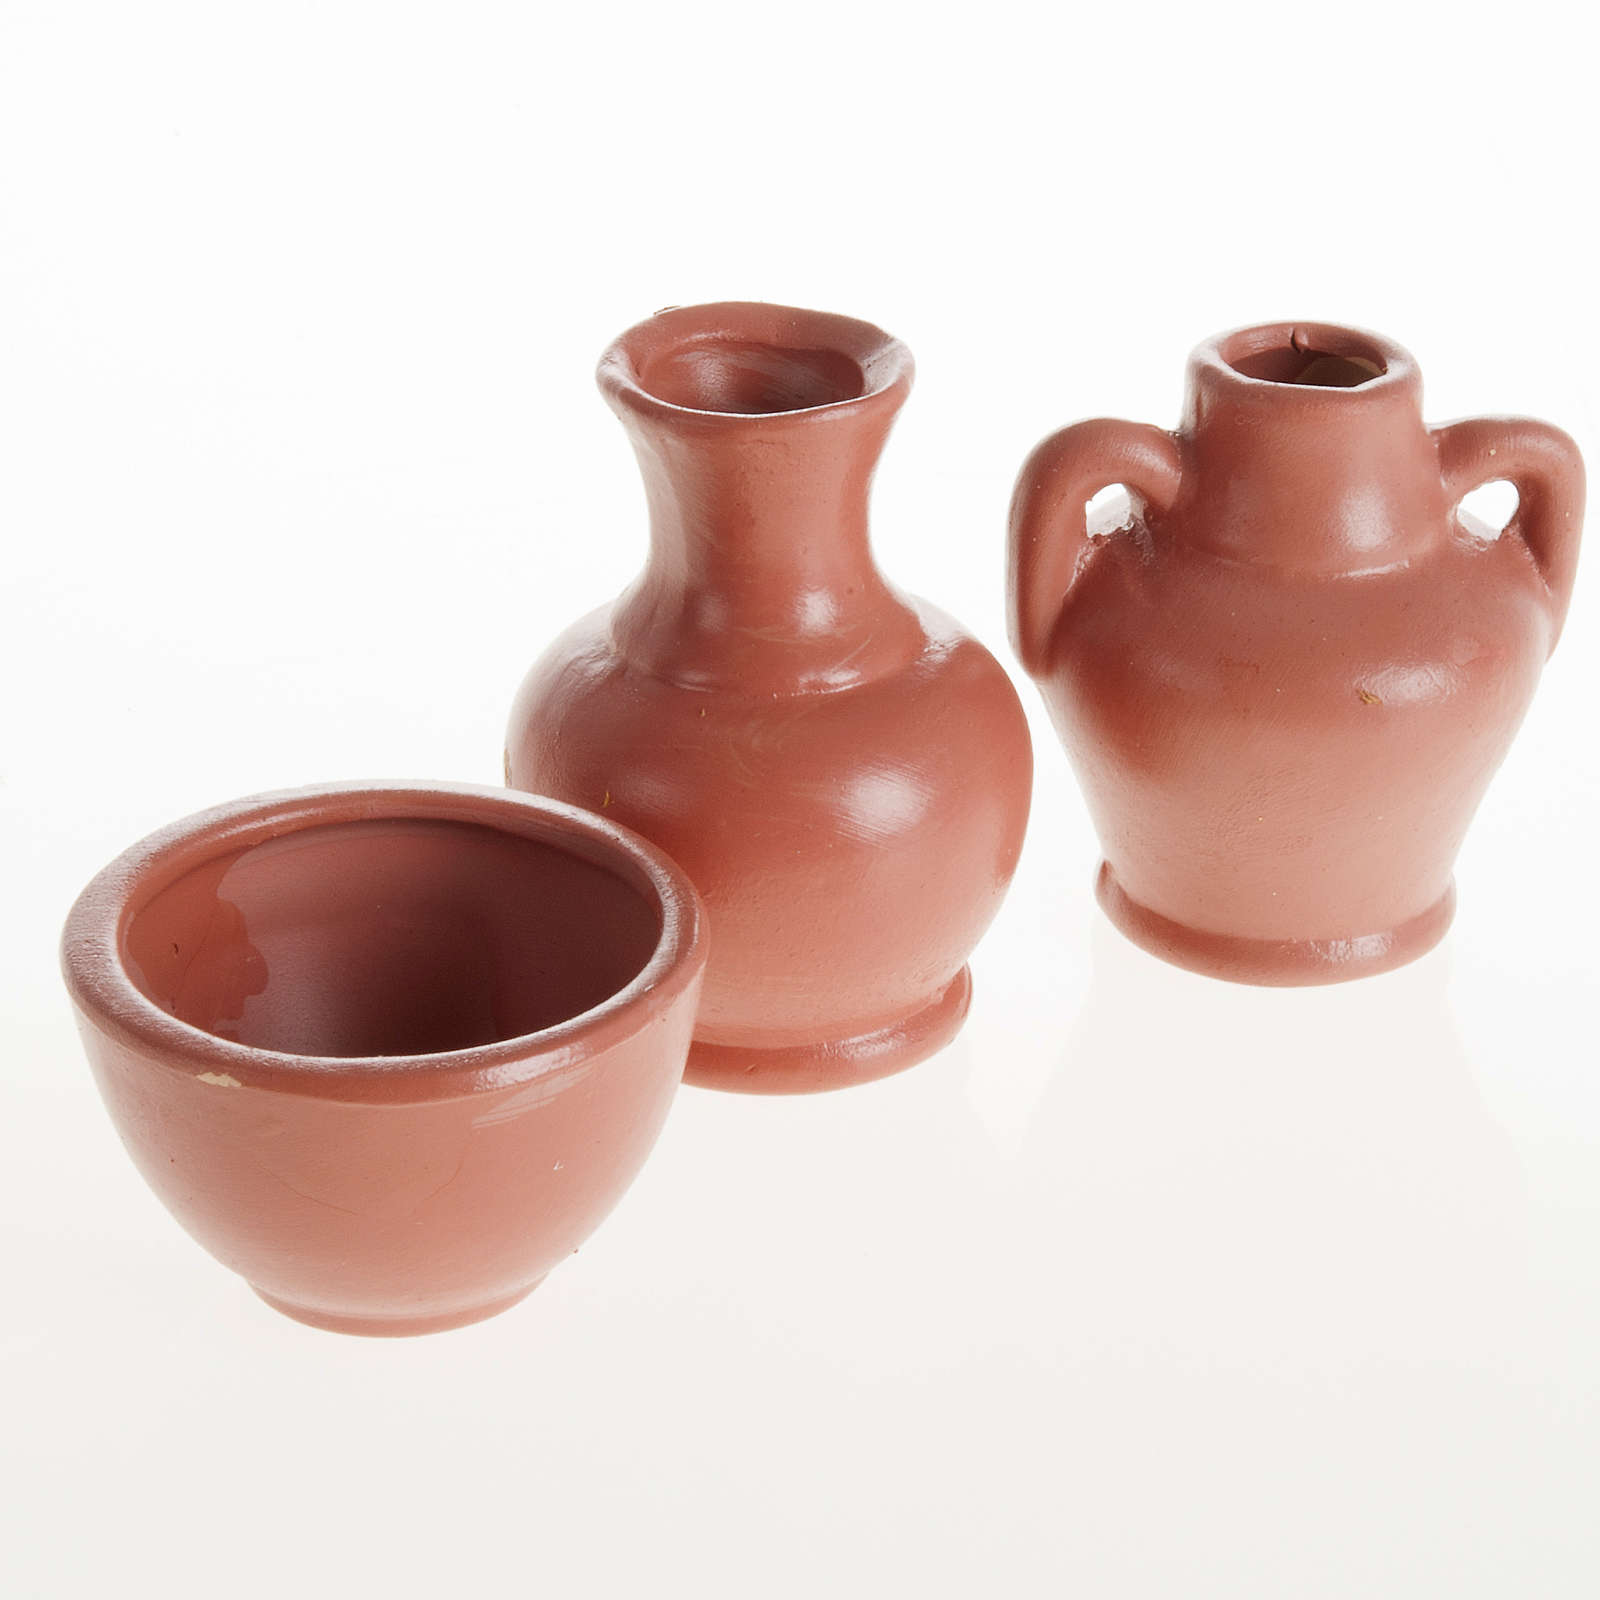 Amfory i wazon żywica 3 sztuki 4